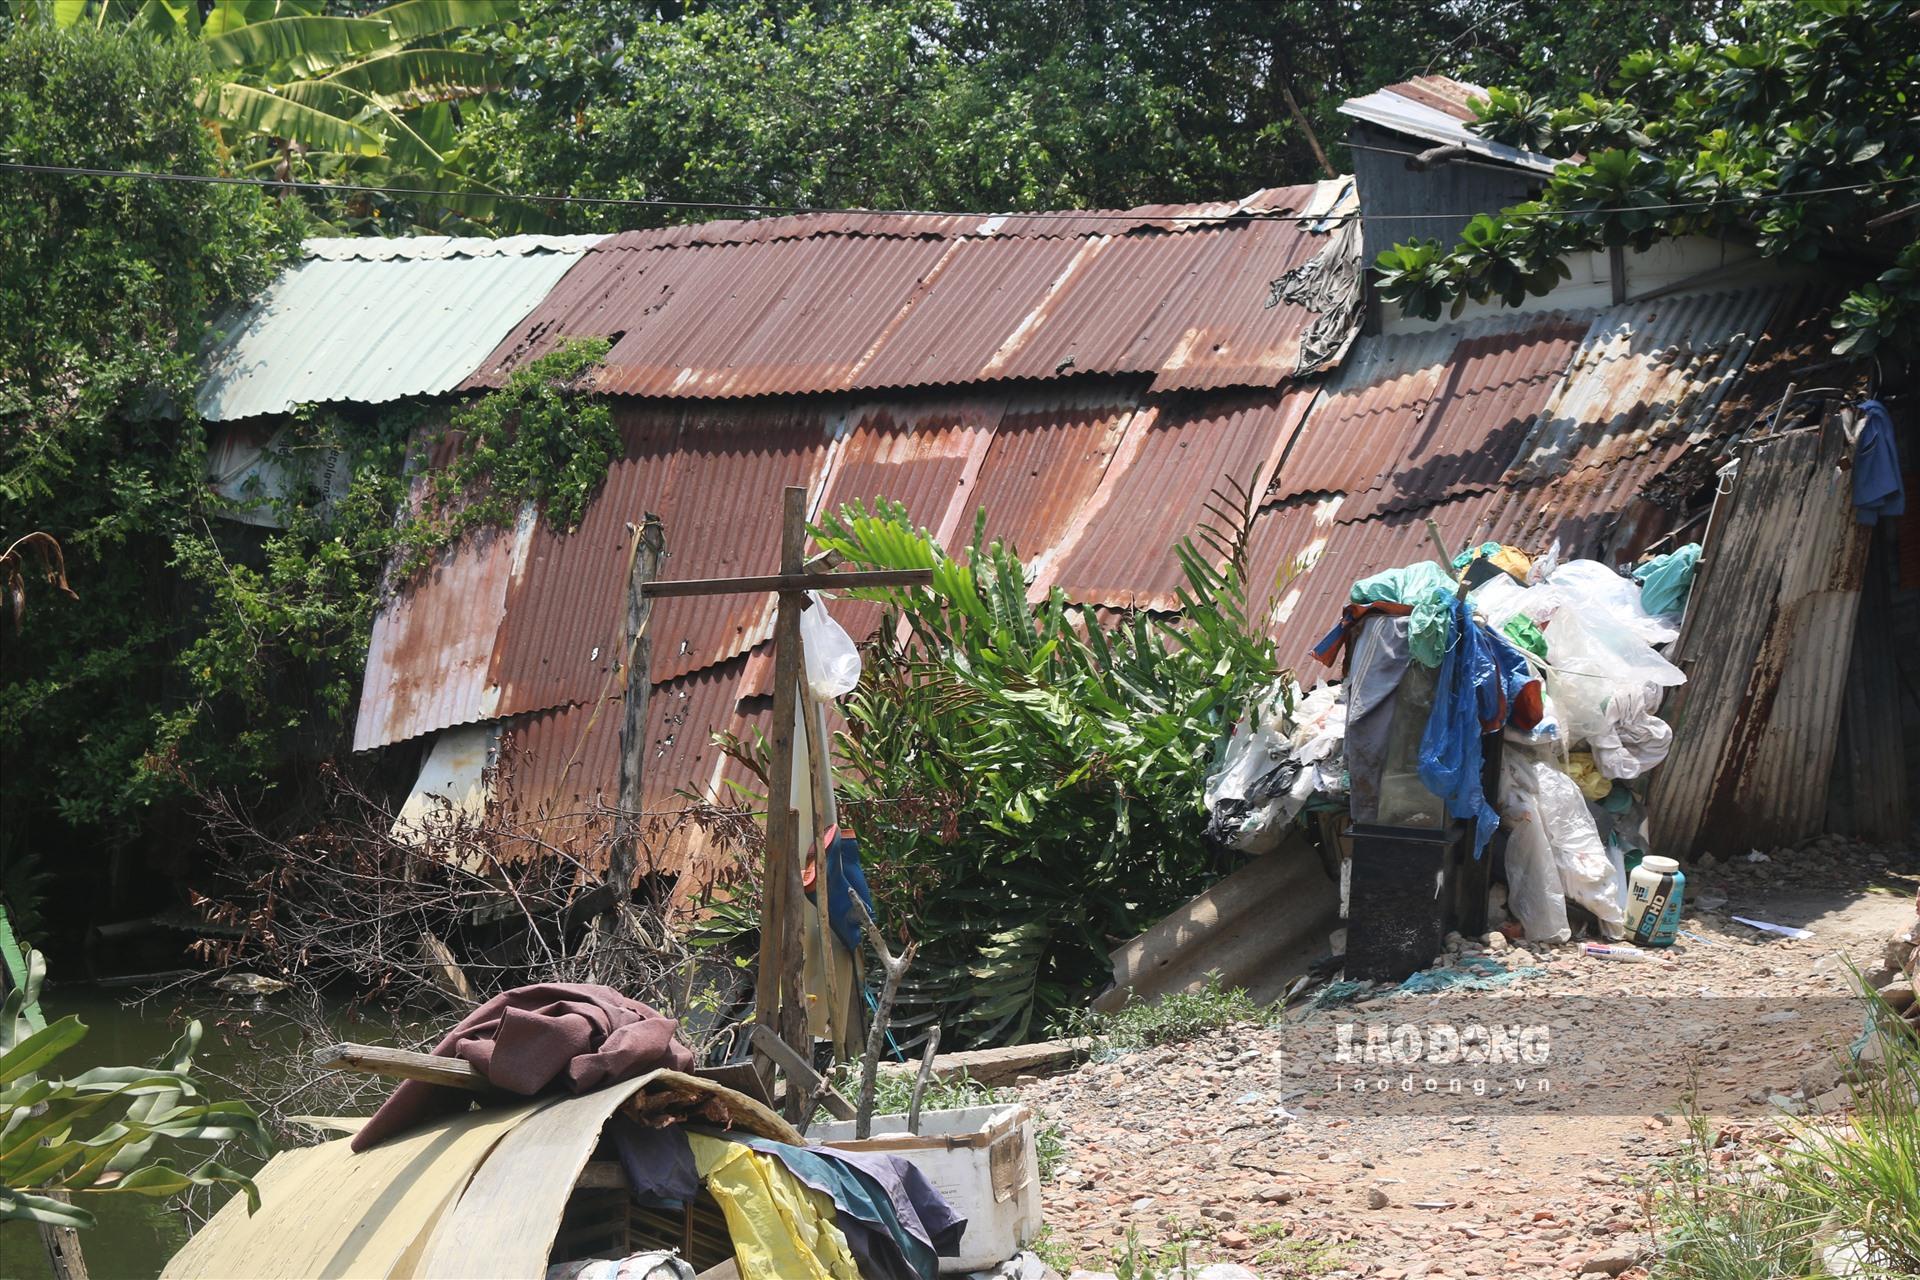 Nhà trọ của những người dân nghèo.